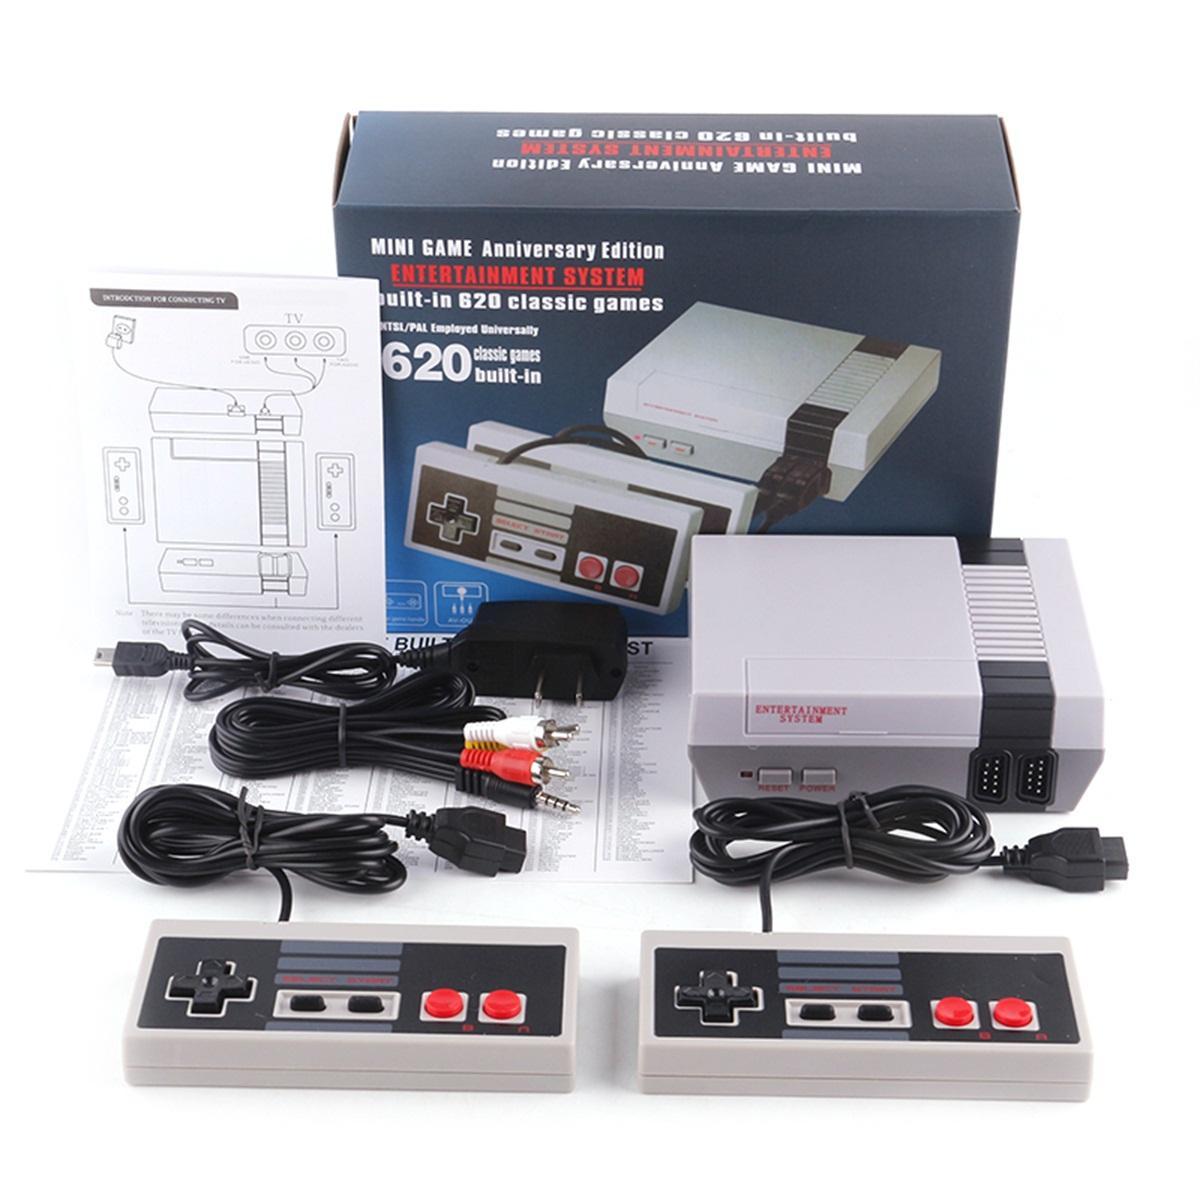 40 قطع الممرات ألعاب فيديو كوني مصغرة نيس الكلاسيكية الرجعية المحمولة لعبة وحدة التحكم 620 الألعاب يأتي مع ألعاب gamepad الأصلي للأطفال